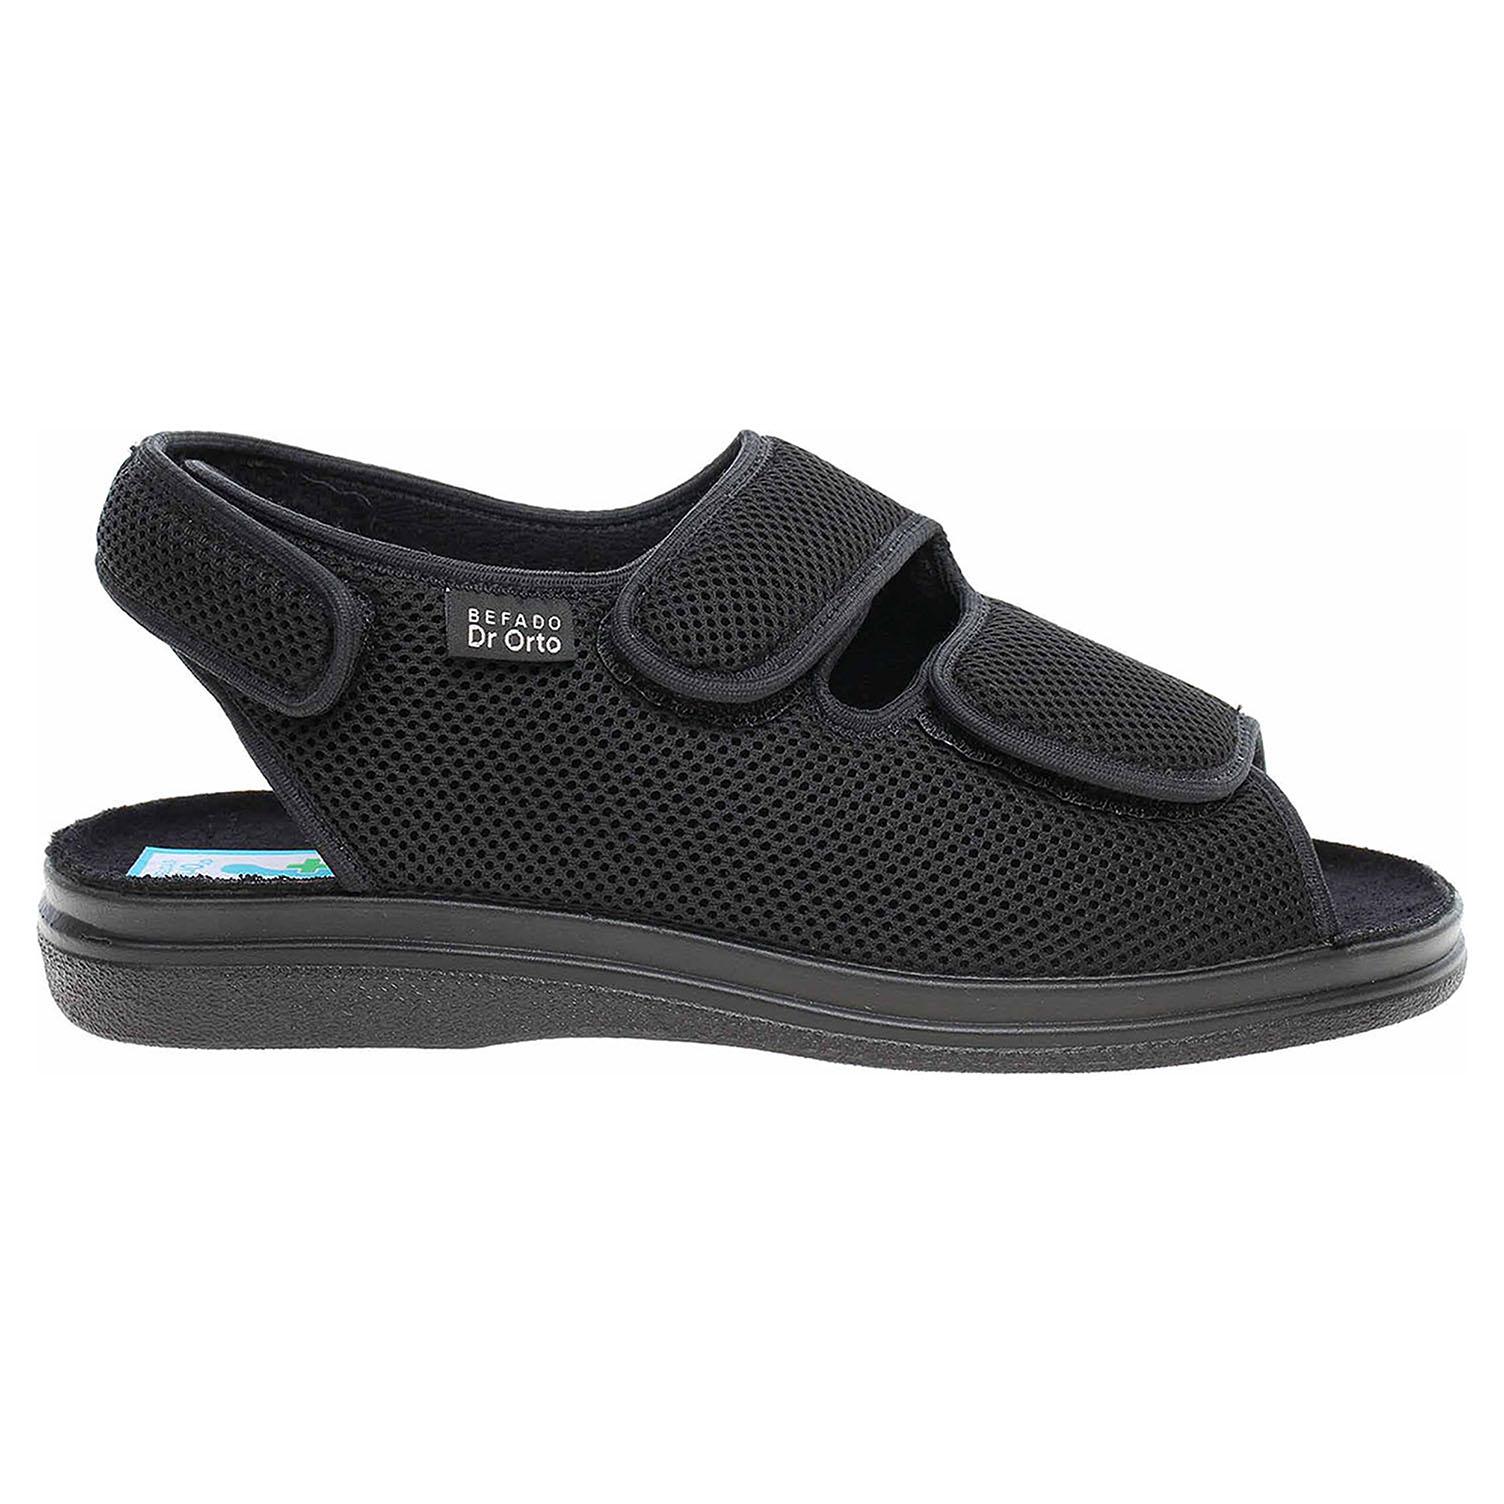 Ecco Befado domácí obuv 733M007 černá 24800118 935bcc912c